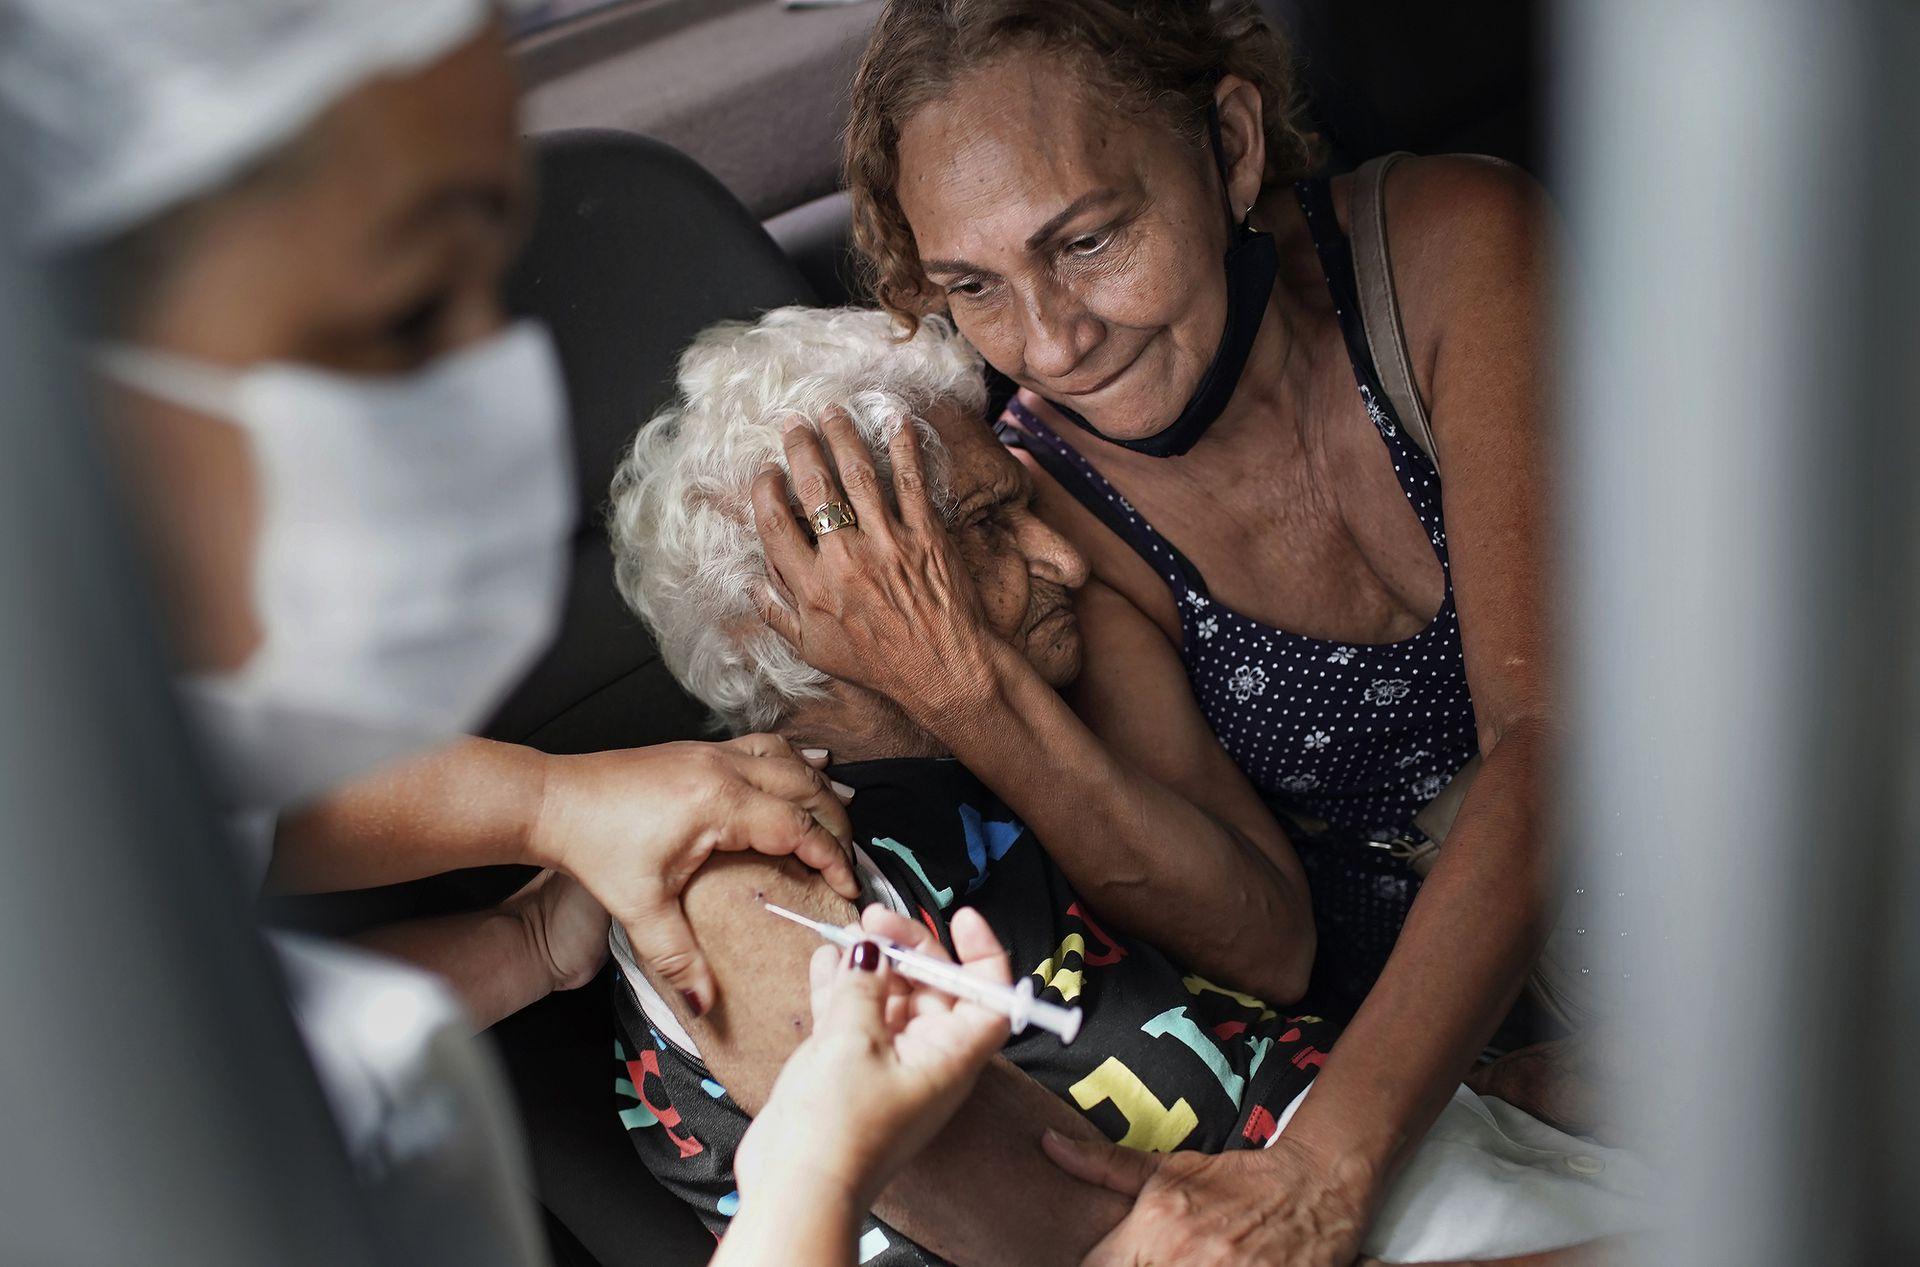 BRASIL: Una mujer recibe una inyección de la vacuna Sinovac CoronaVac de China como parte de un programa prioritario de vacunación COVID-19 para personas mayores en un centro de vacunación de autoservicio en Río de Janeiro, Brasil, el 1 de febrero de 2021.